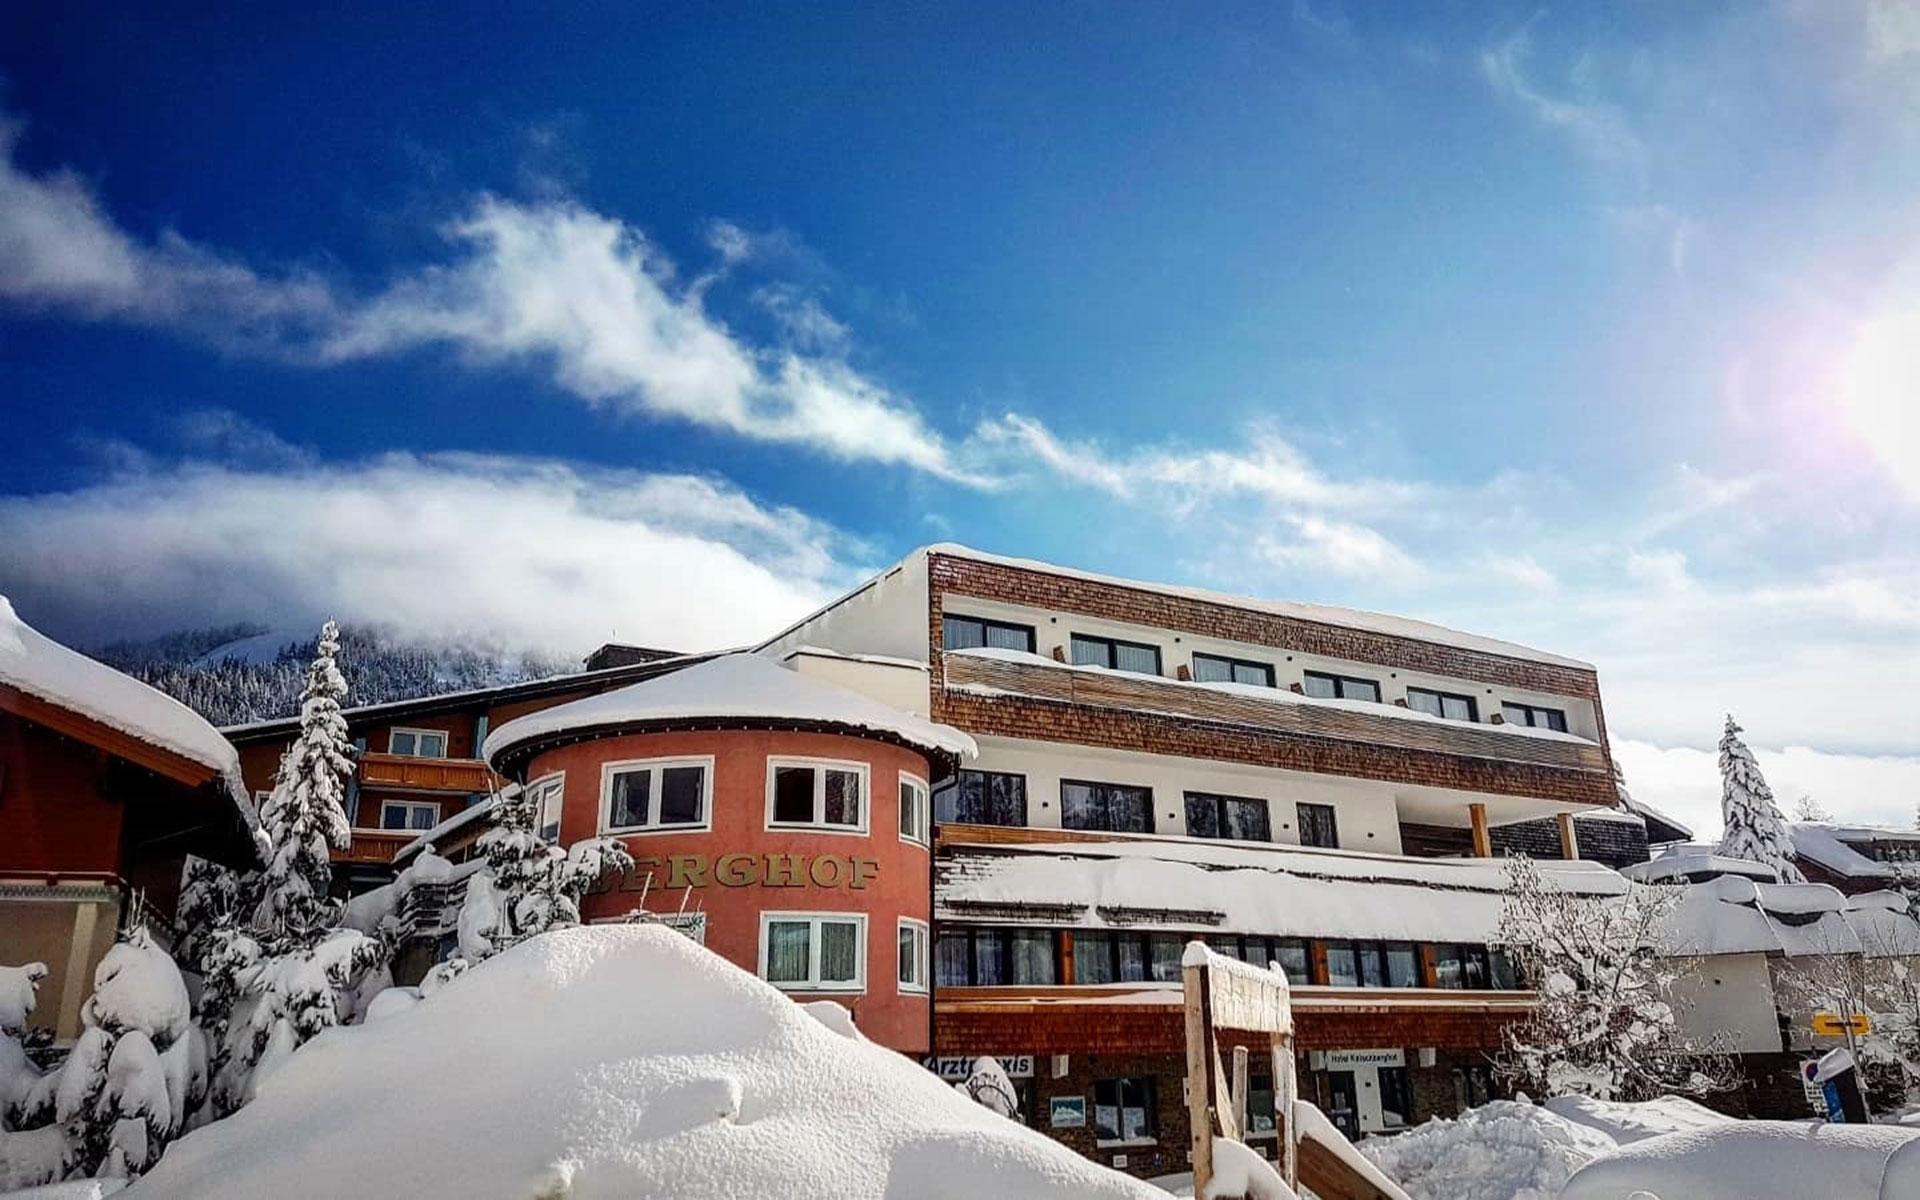 Winterurlaub am Katschberg zu gewinnen